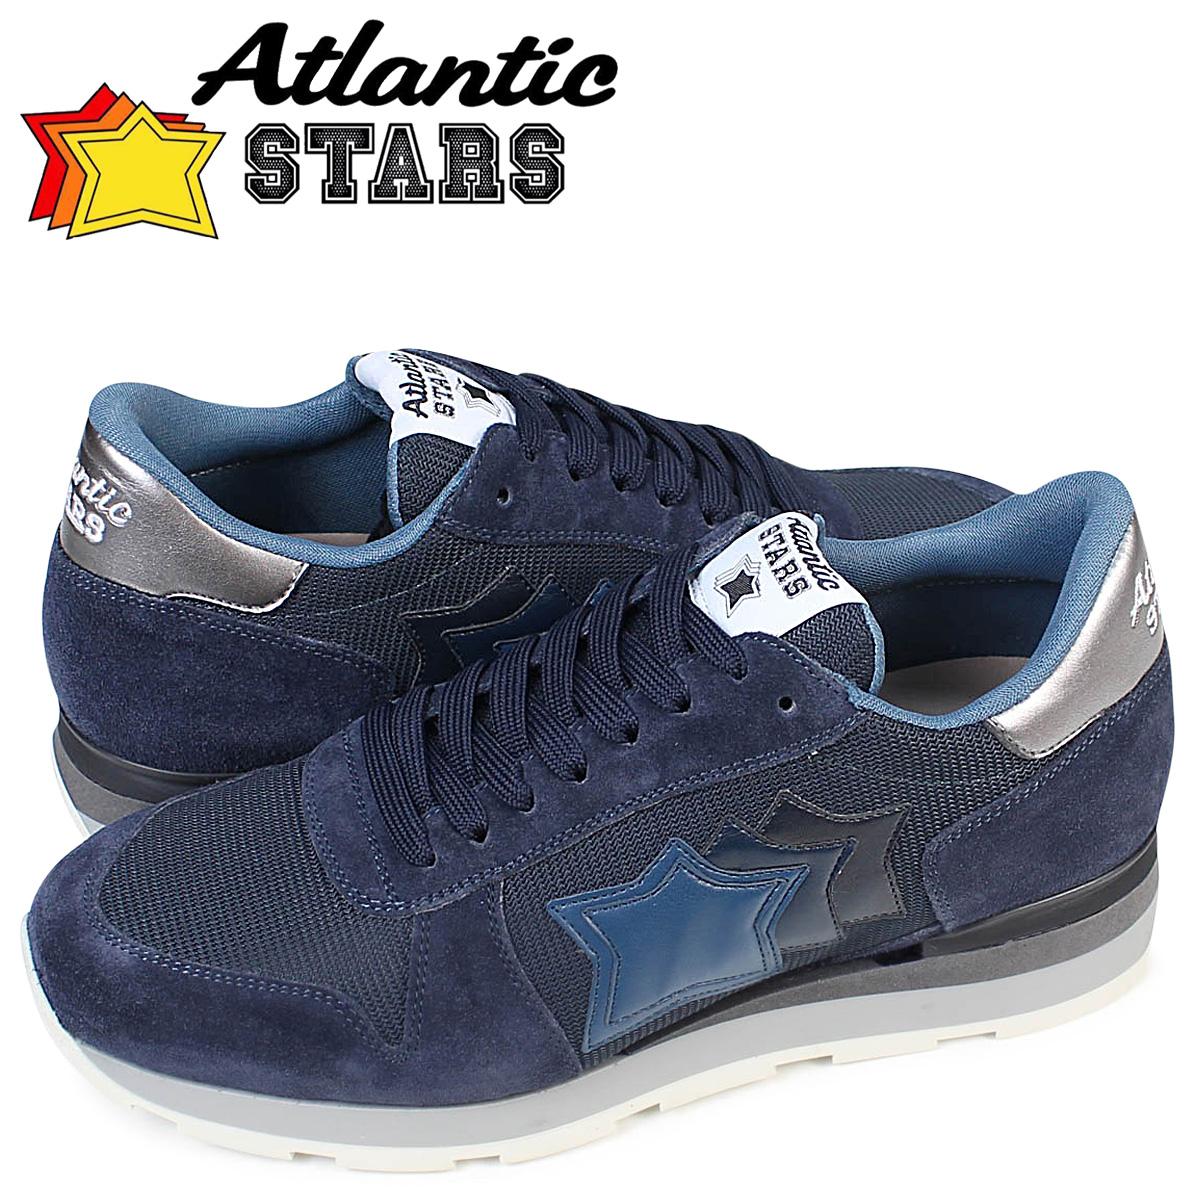 Sirius sneakers Atlantic Stars y29VV